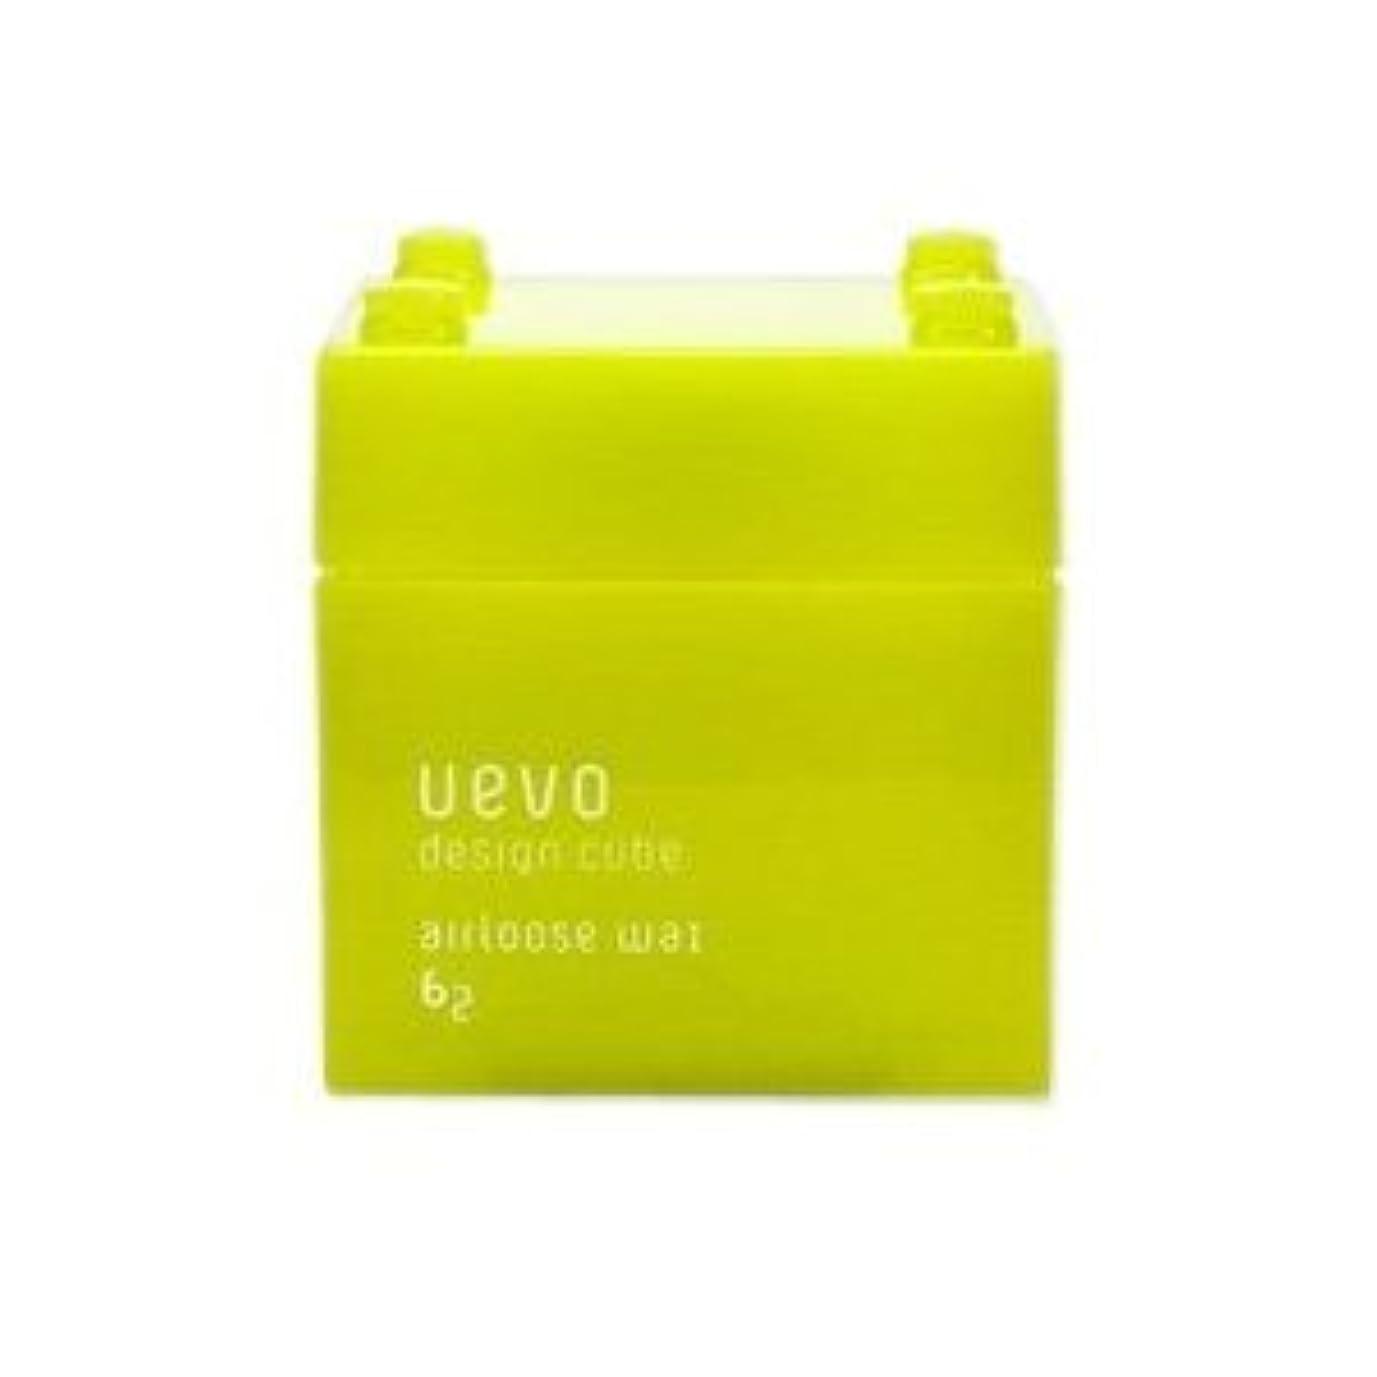 キリスト教安全な上回る【X3個セット】 デミ ウェーボ デザインキューブ エアルーズワックス 80g airloose wax DEMI uevo design cube